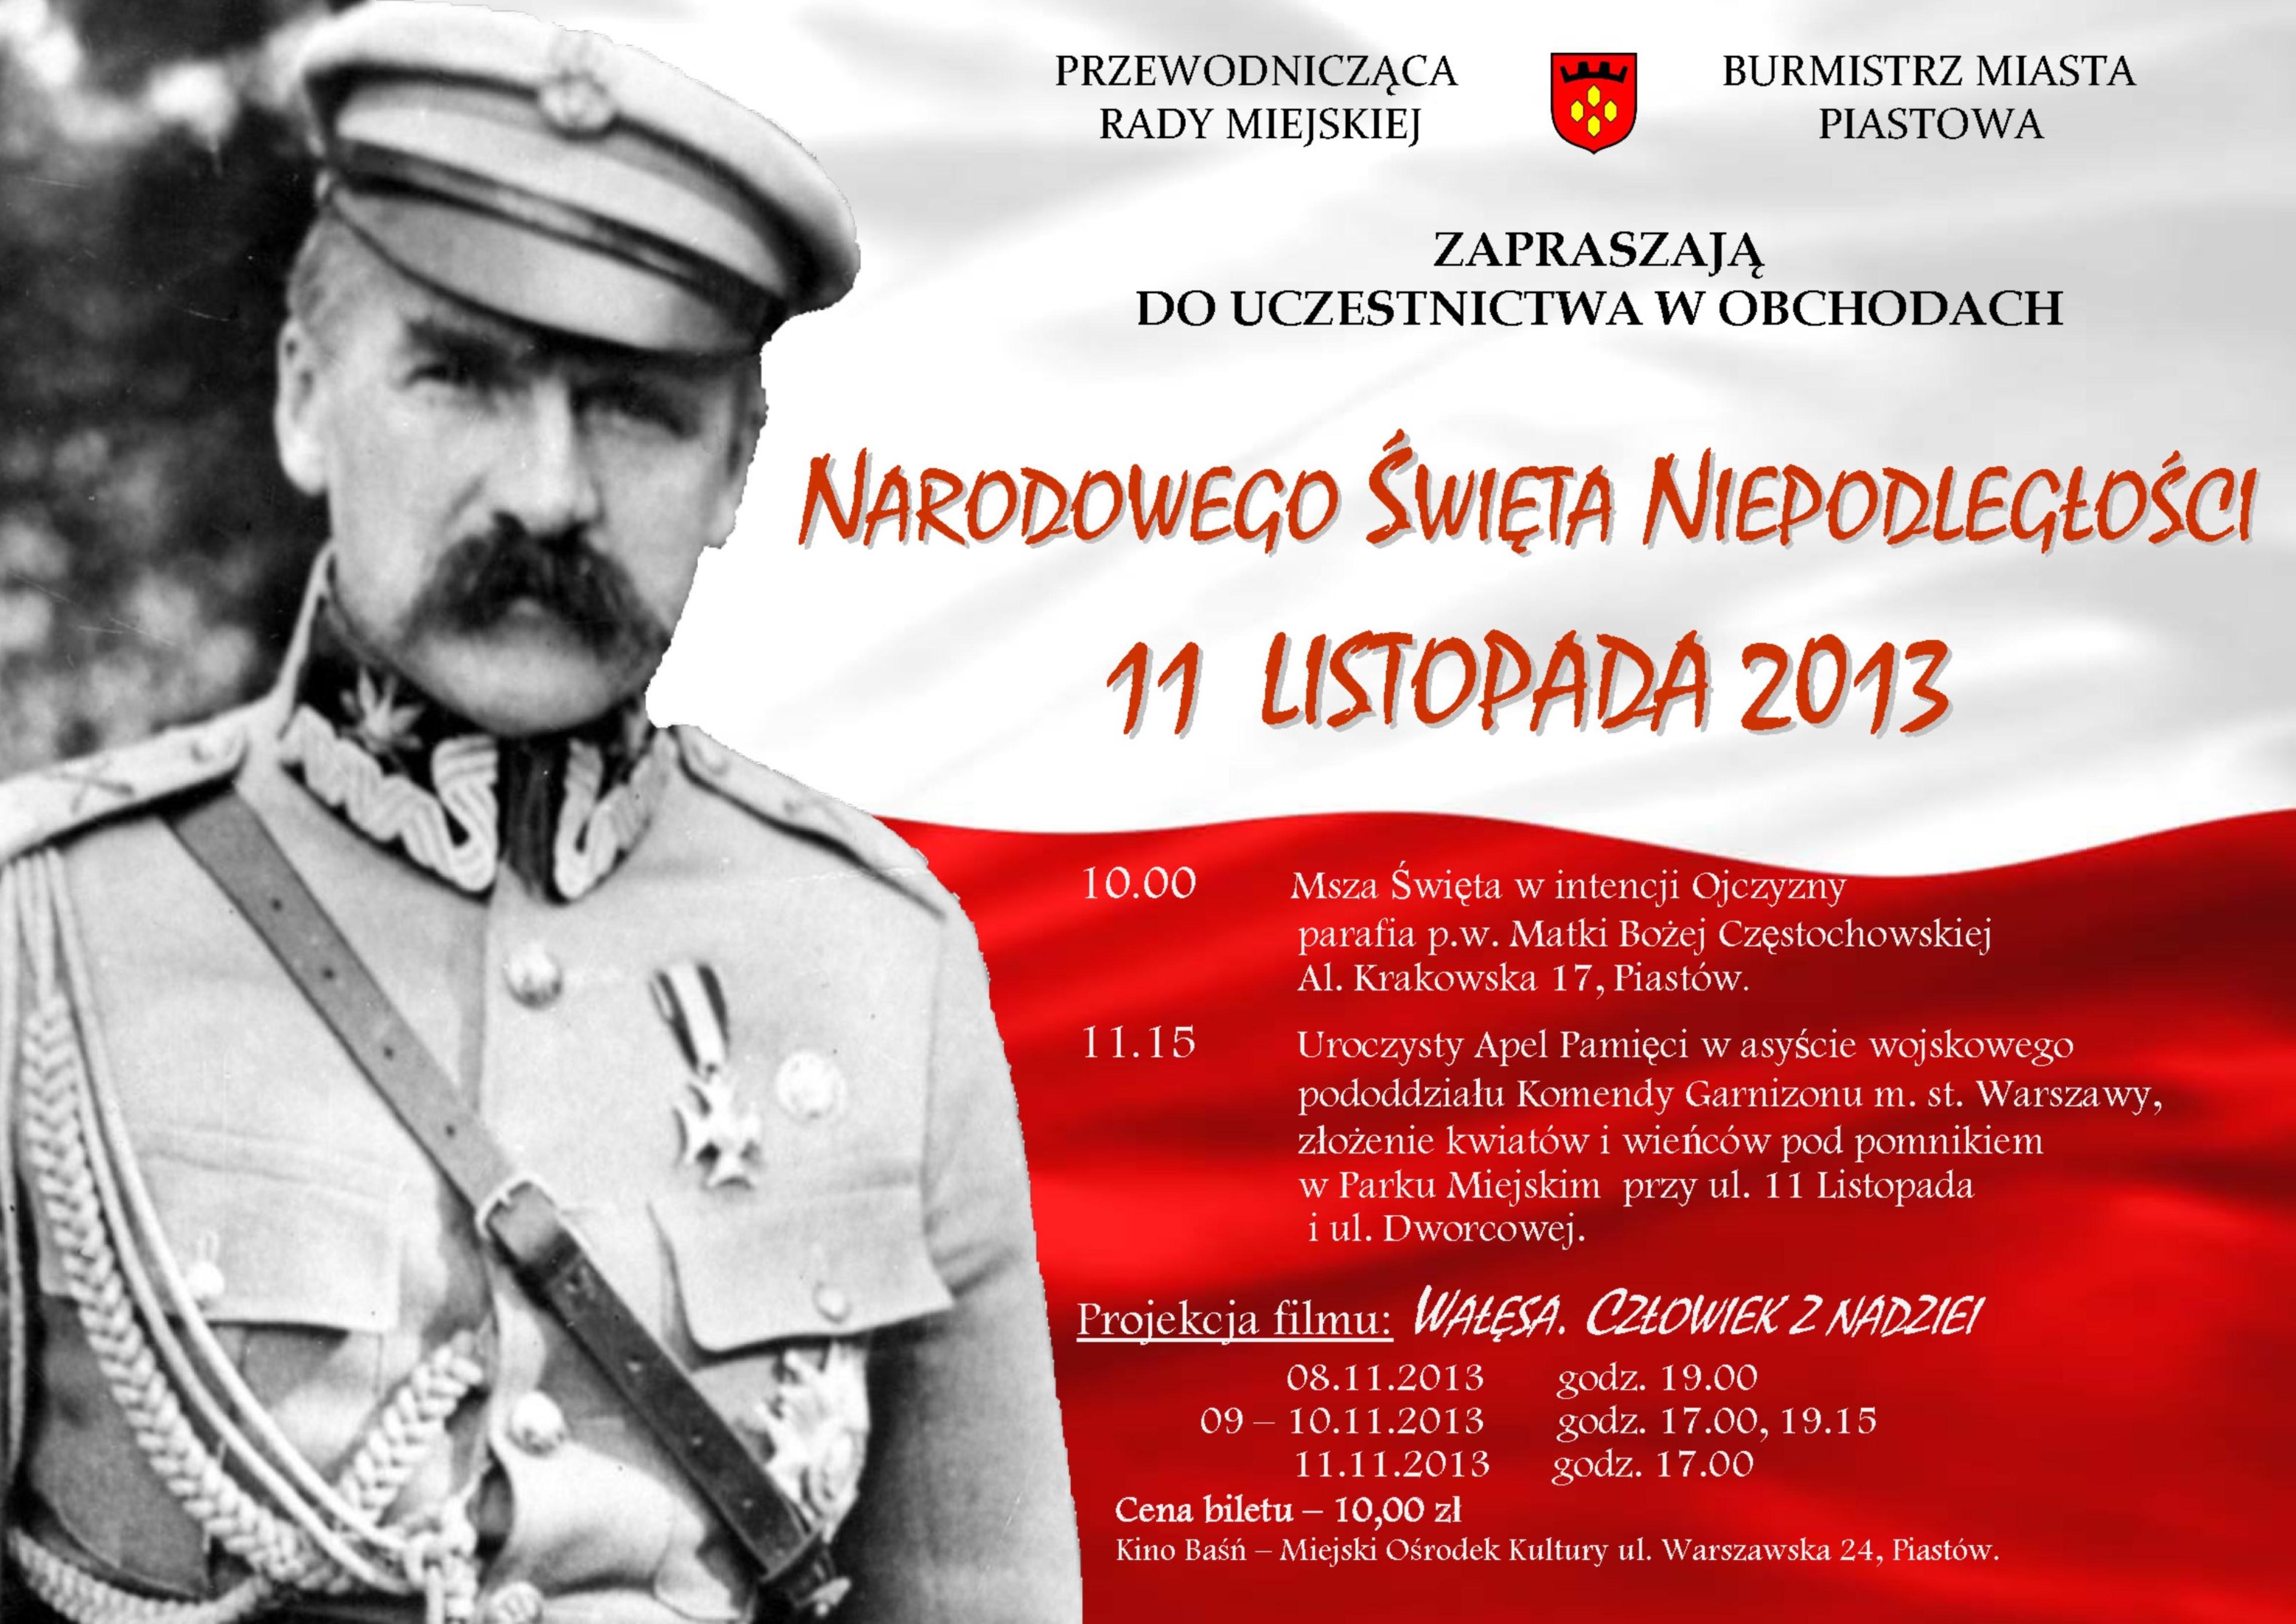 Urząd Miejski Piastów Narodowe święto Niepodległości